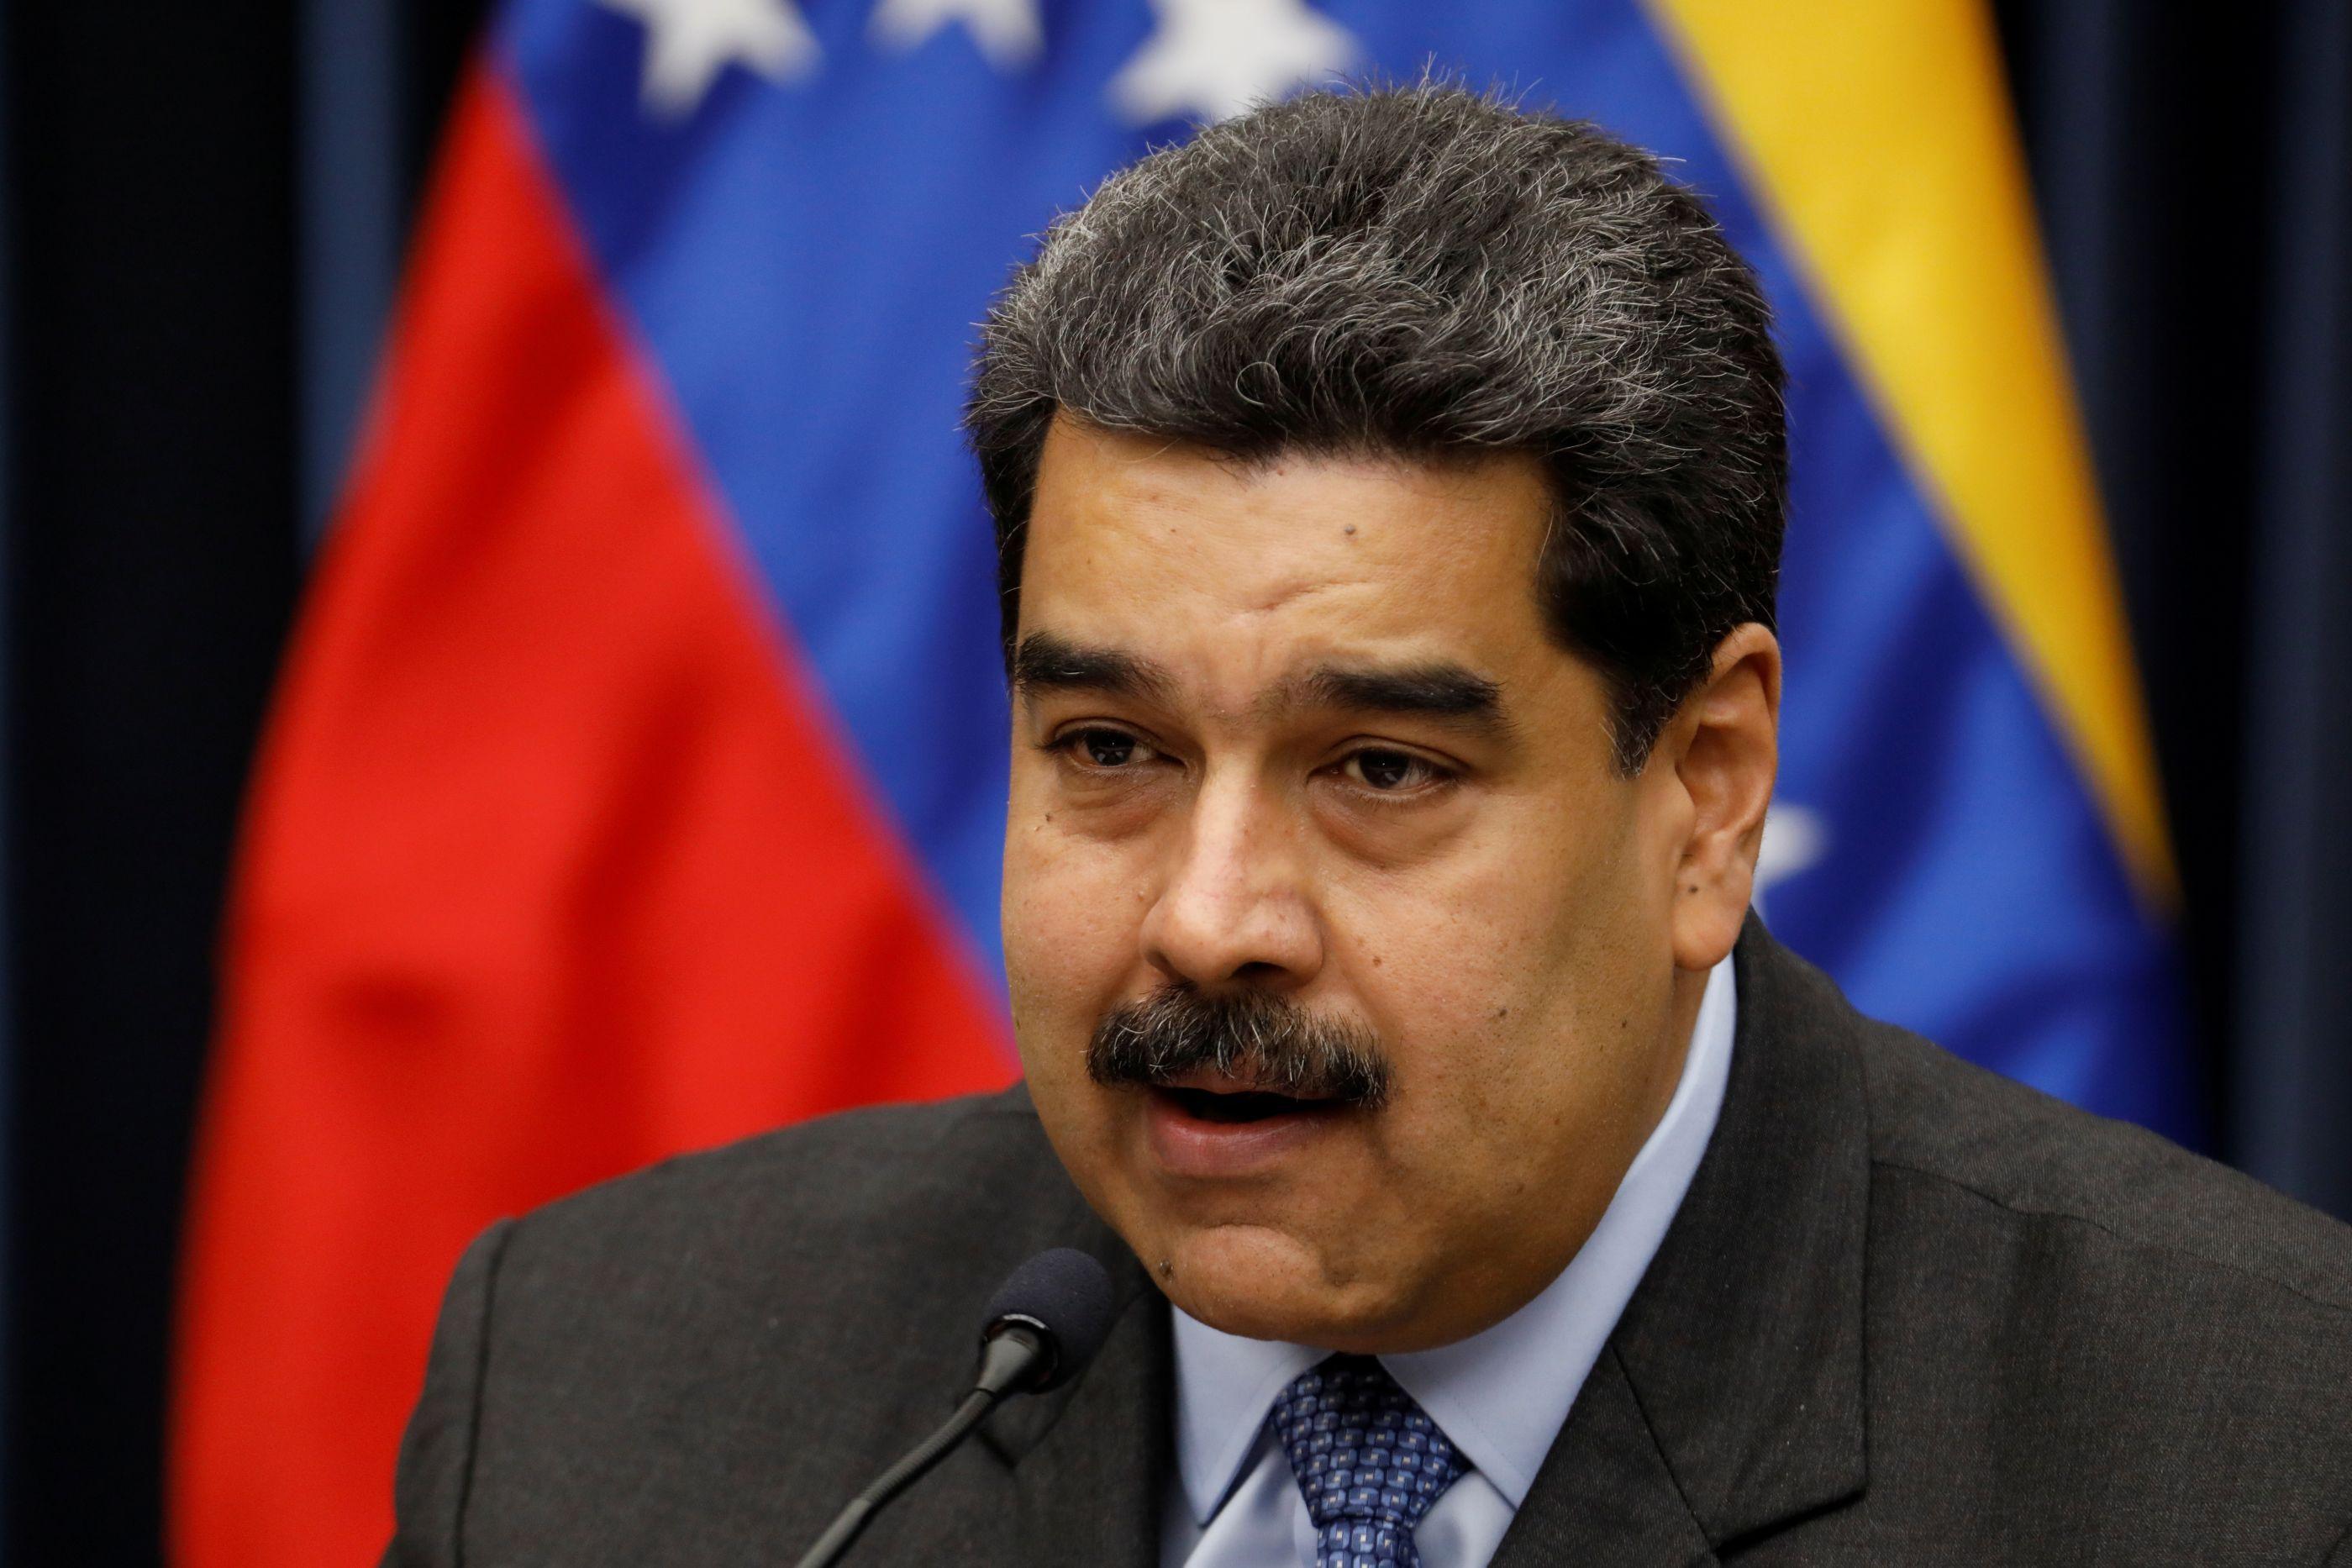 """Maduro disposto a negociar """"em prol da paz e do futuro da Venezuela"""""""